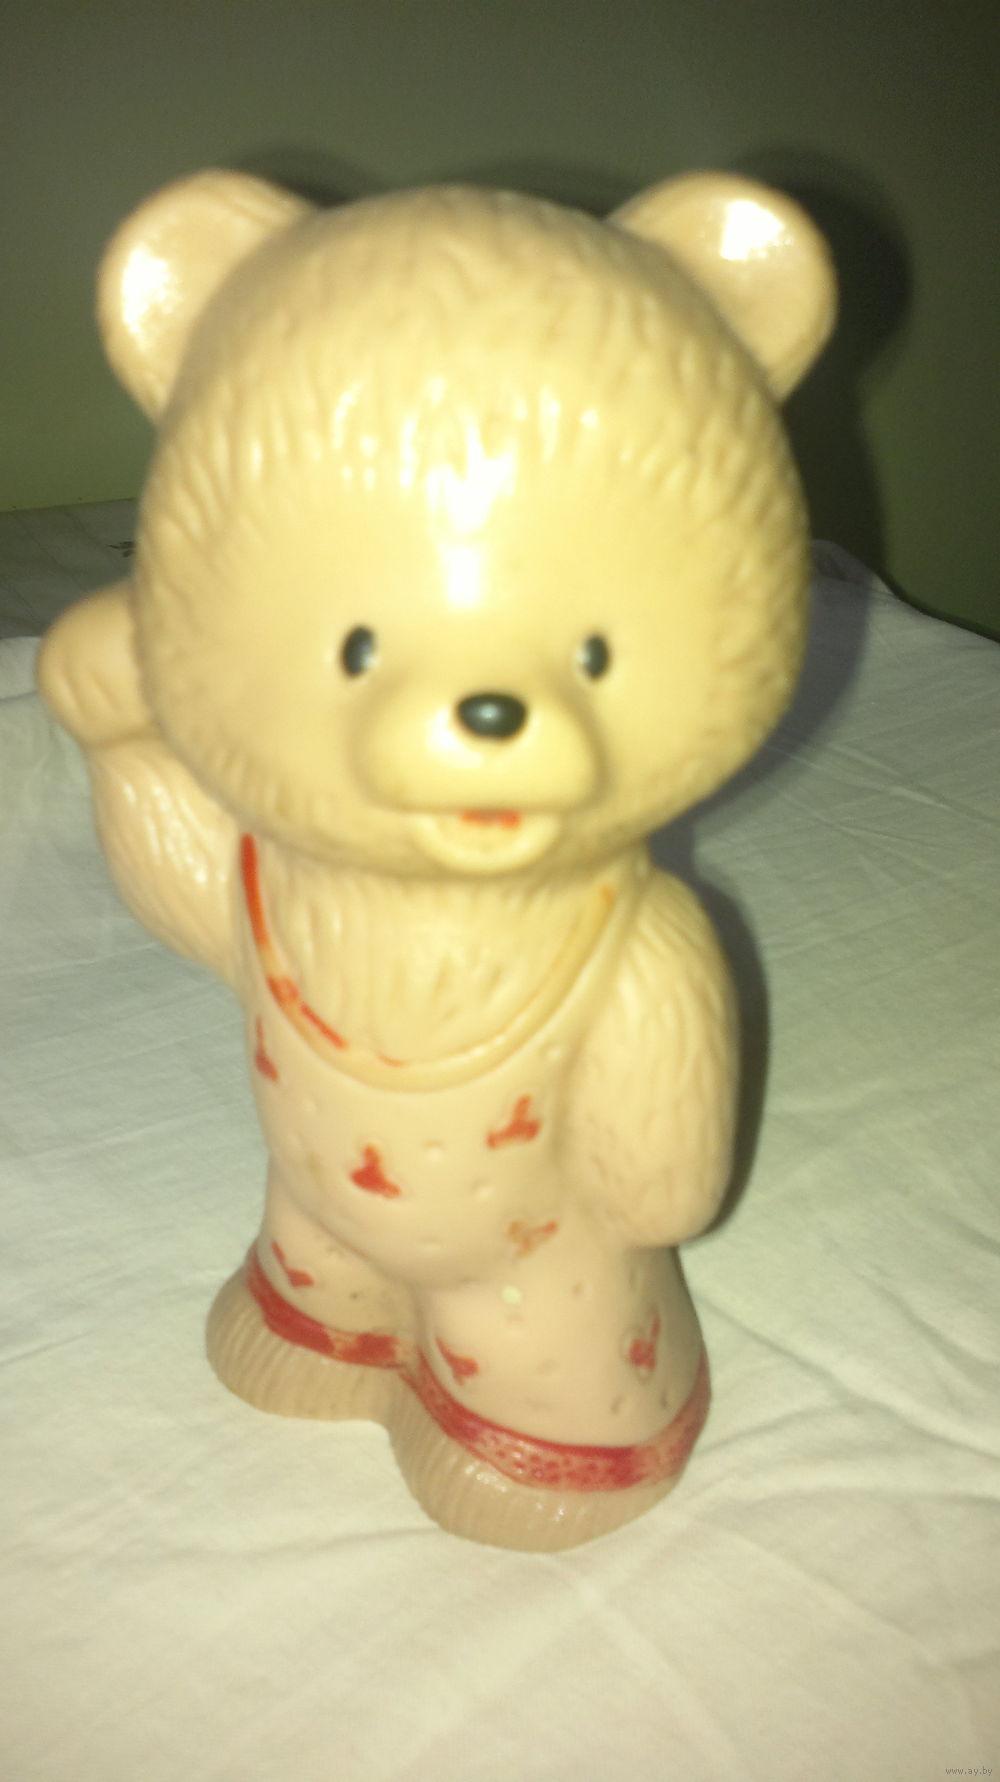 Фото игрушки гуфи резиновый со сфистулькой 2 фотография